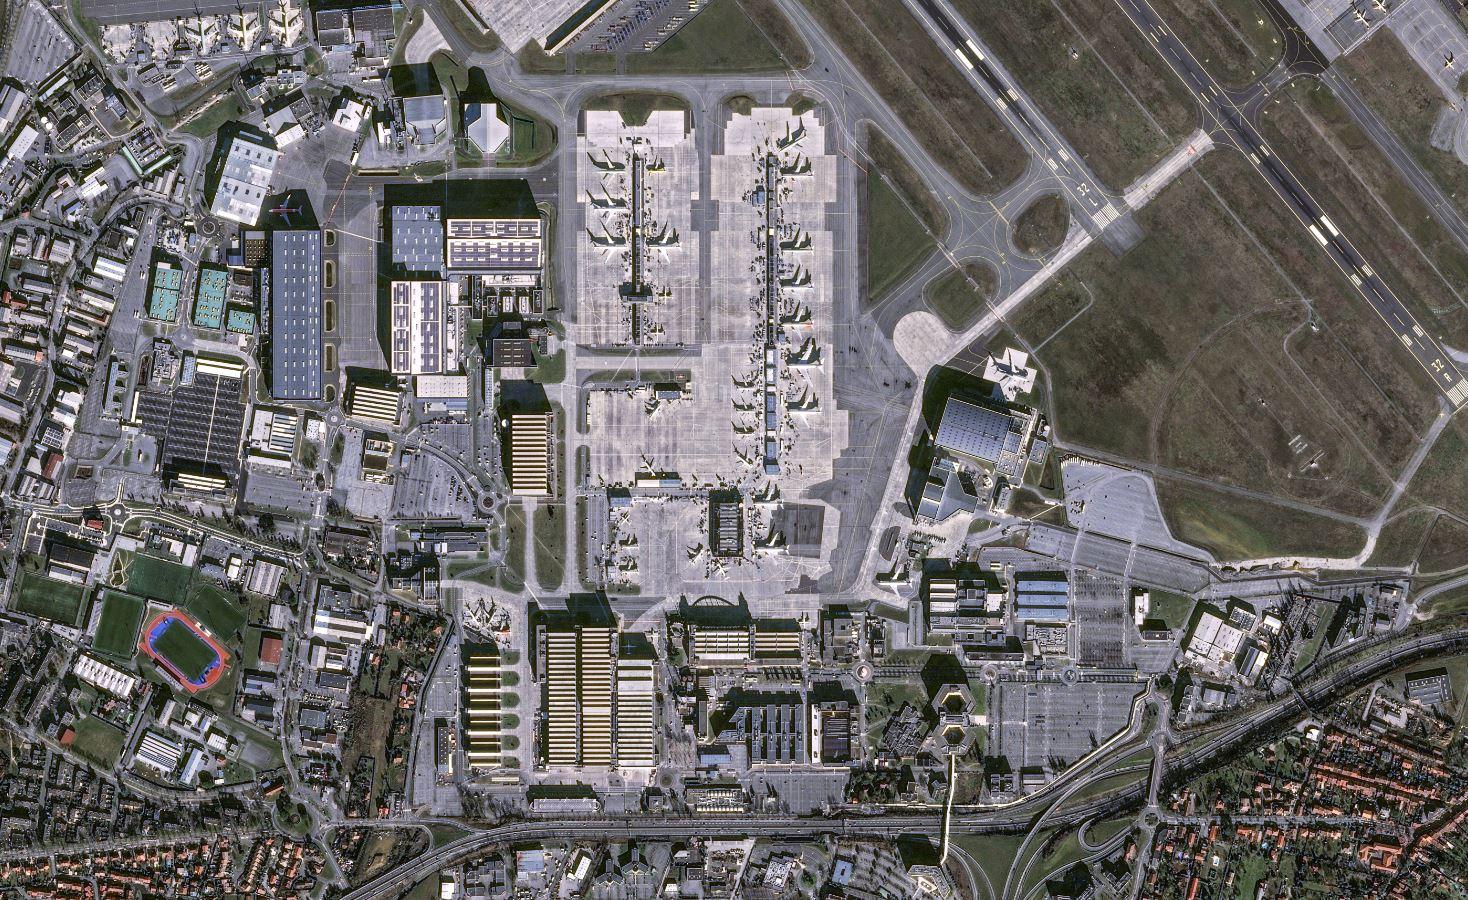 Airbus annonce une constellation de satellites à très haute résolution - VHR - THR - siège d'Airbus - Pléiades - Euroconsult - Suite - Earth observation - agile - financement privé - continuité et amélioration des performances